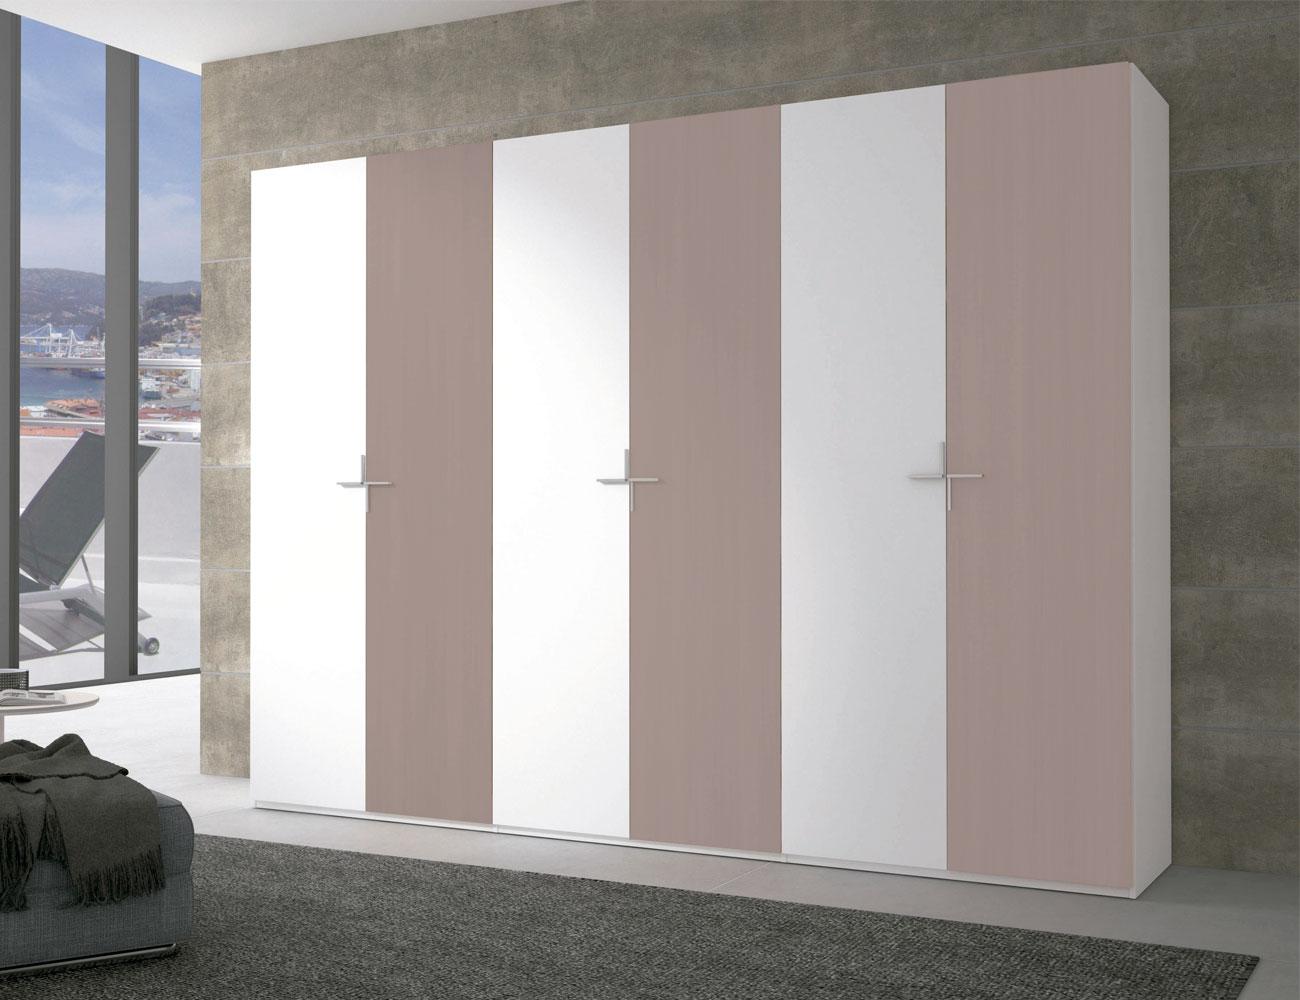 Armario puertas abatibles moka blanco3